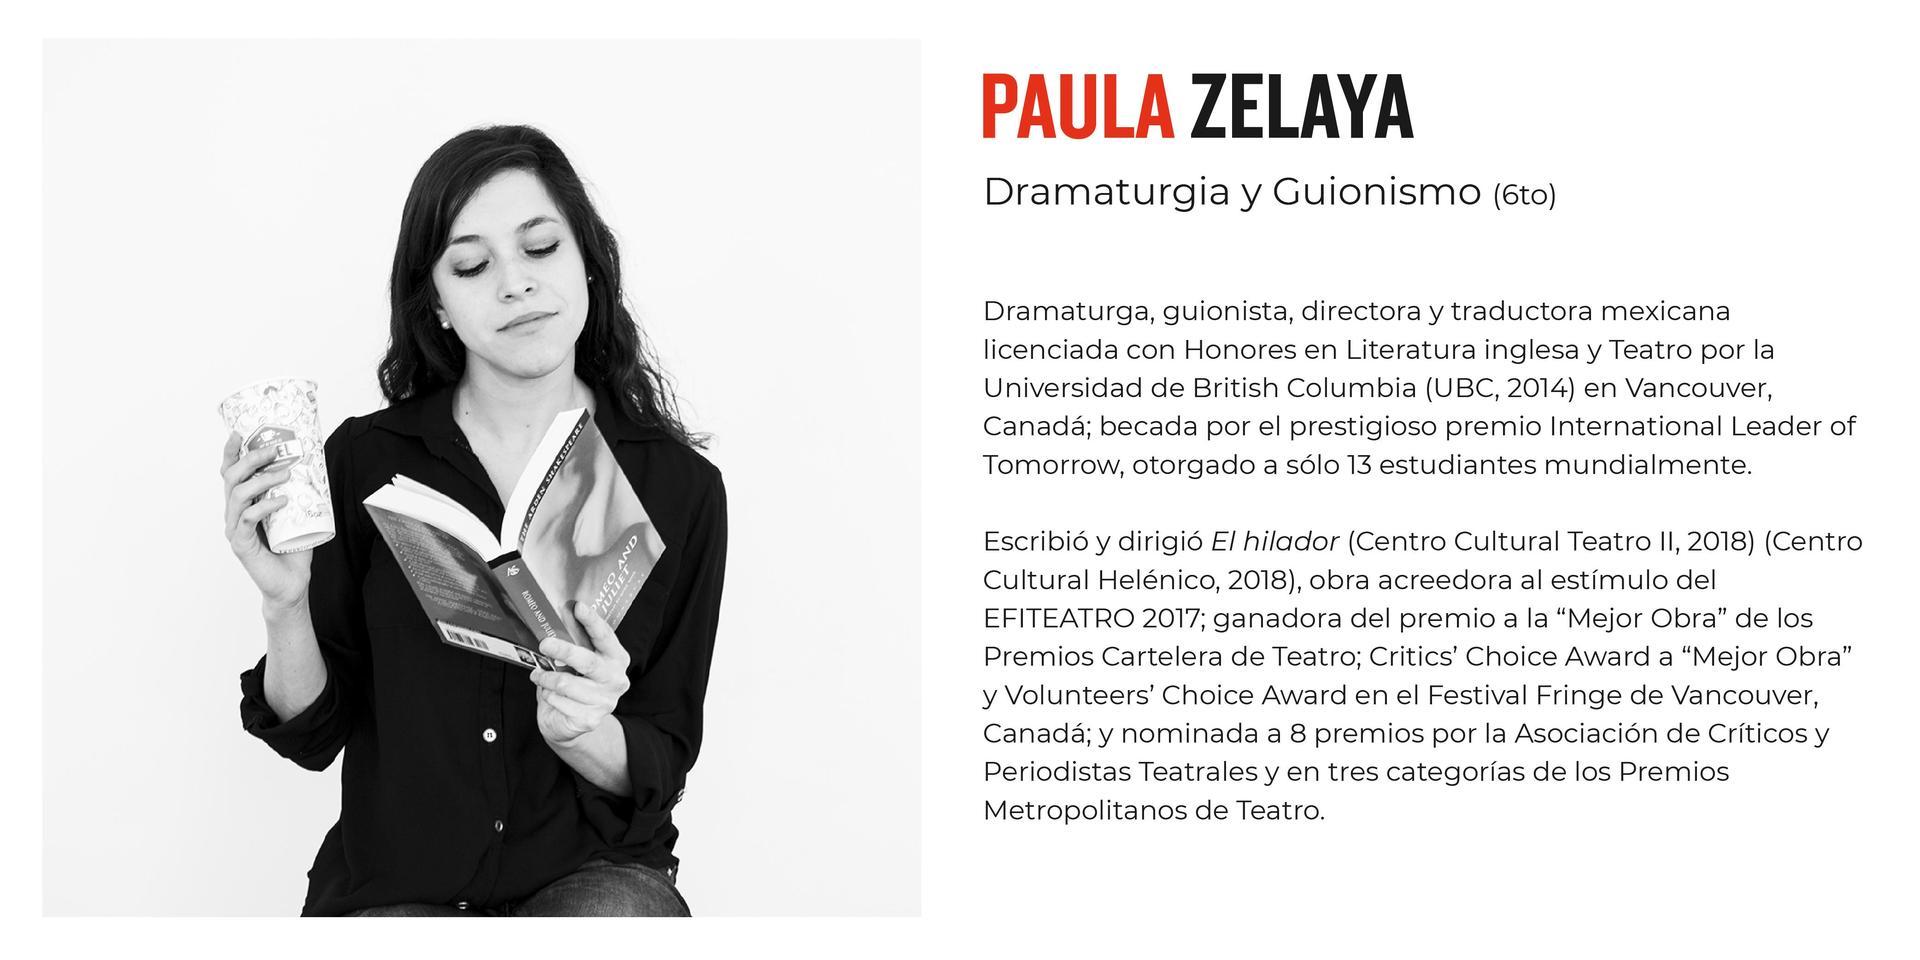 Paula Zelaya